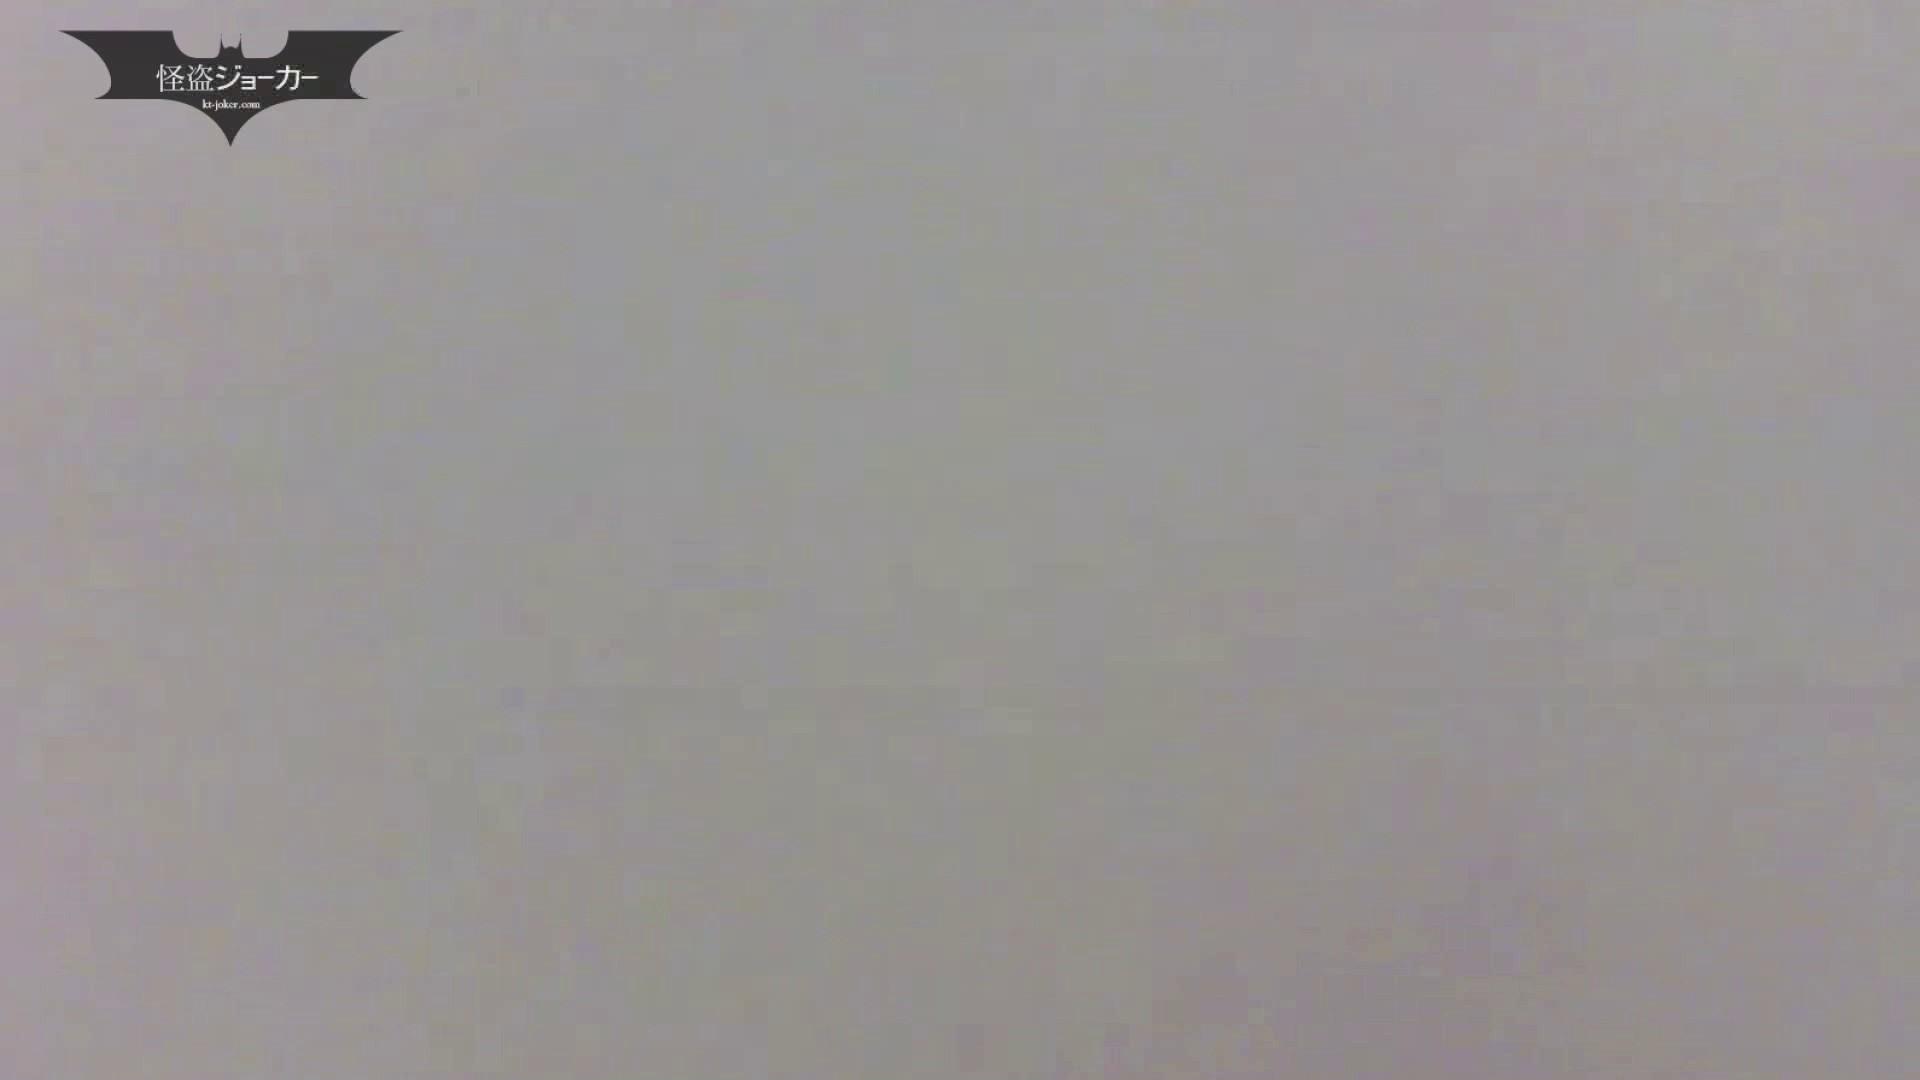 夏の思い出浜辺トイレ盗撮Vol.06 盗撮エロすぎ | 潜入エロ調査  23連発 11